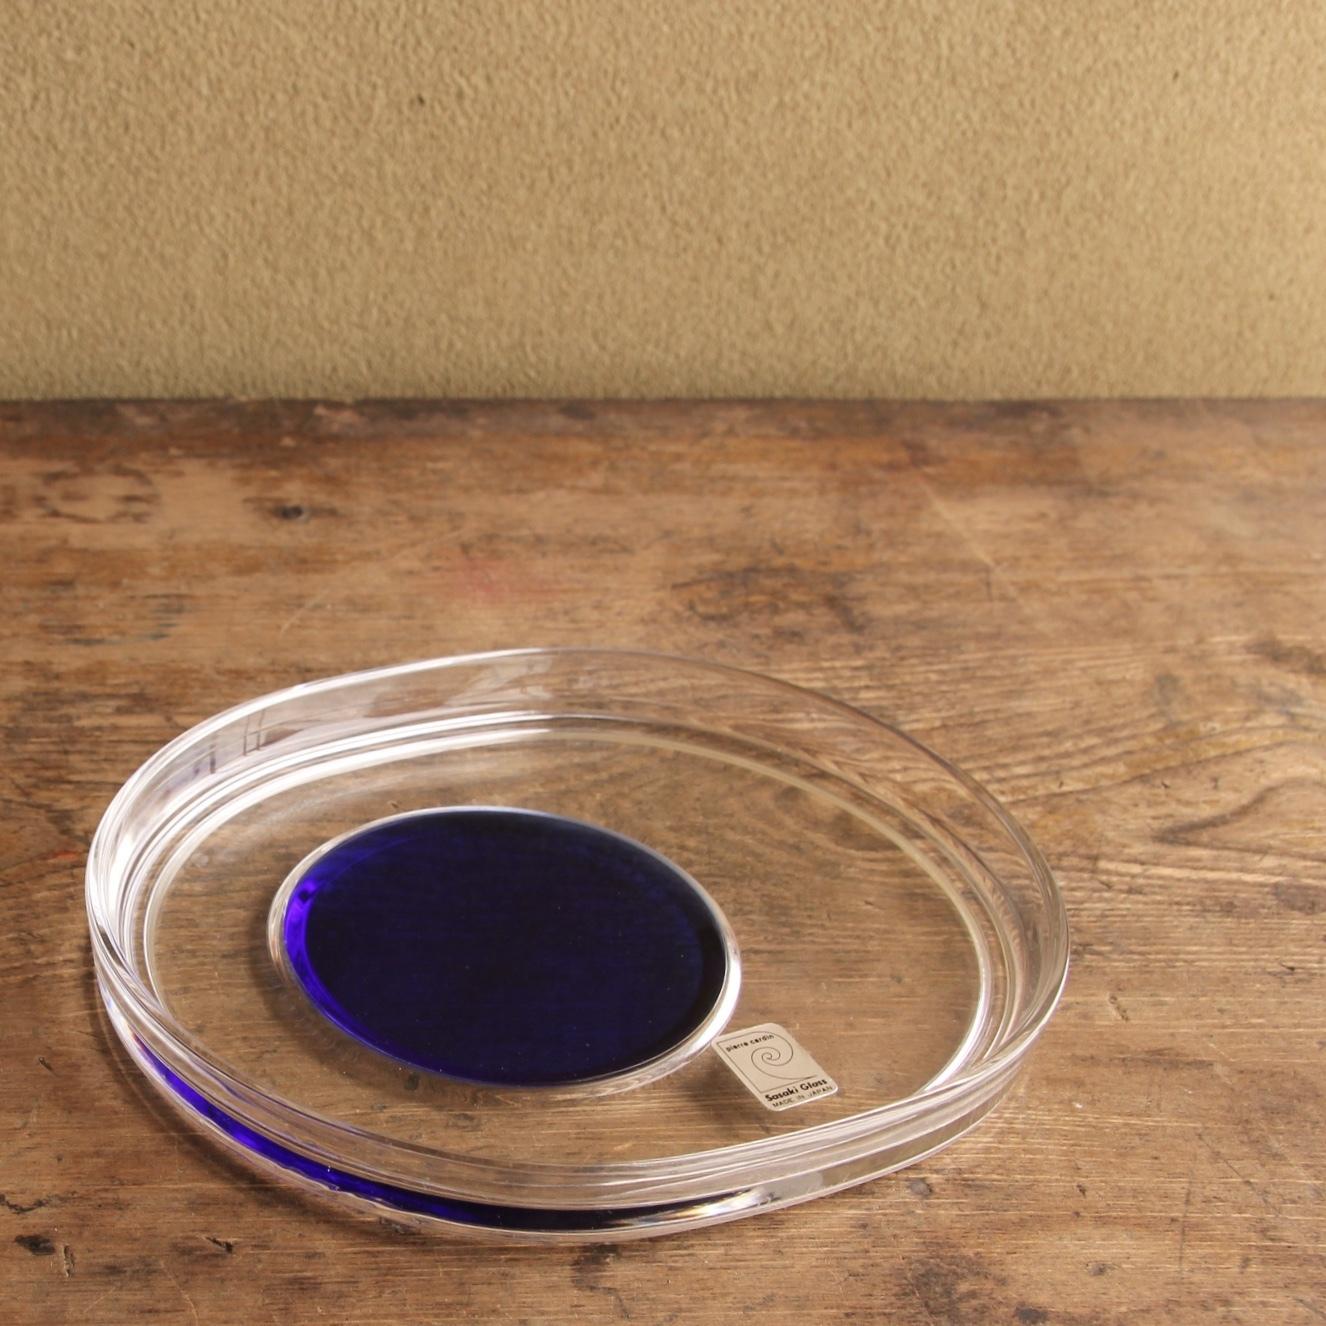 佐々木ガラス ピエールカルダン 青丸のガラス皿 在庫2枚